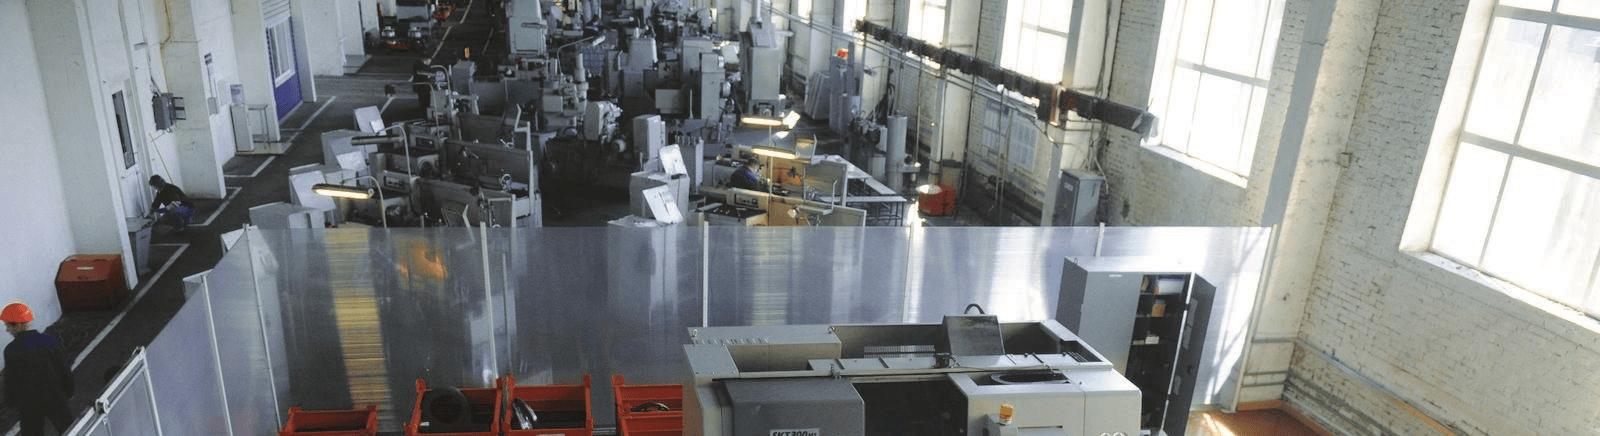 Обновление оборудования ООО «Сибэлектро»